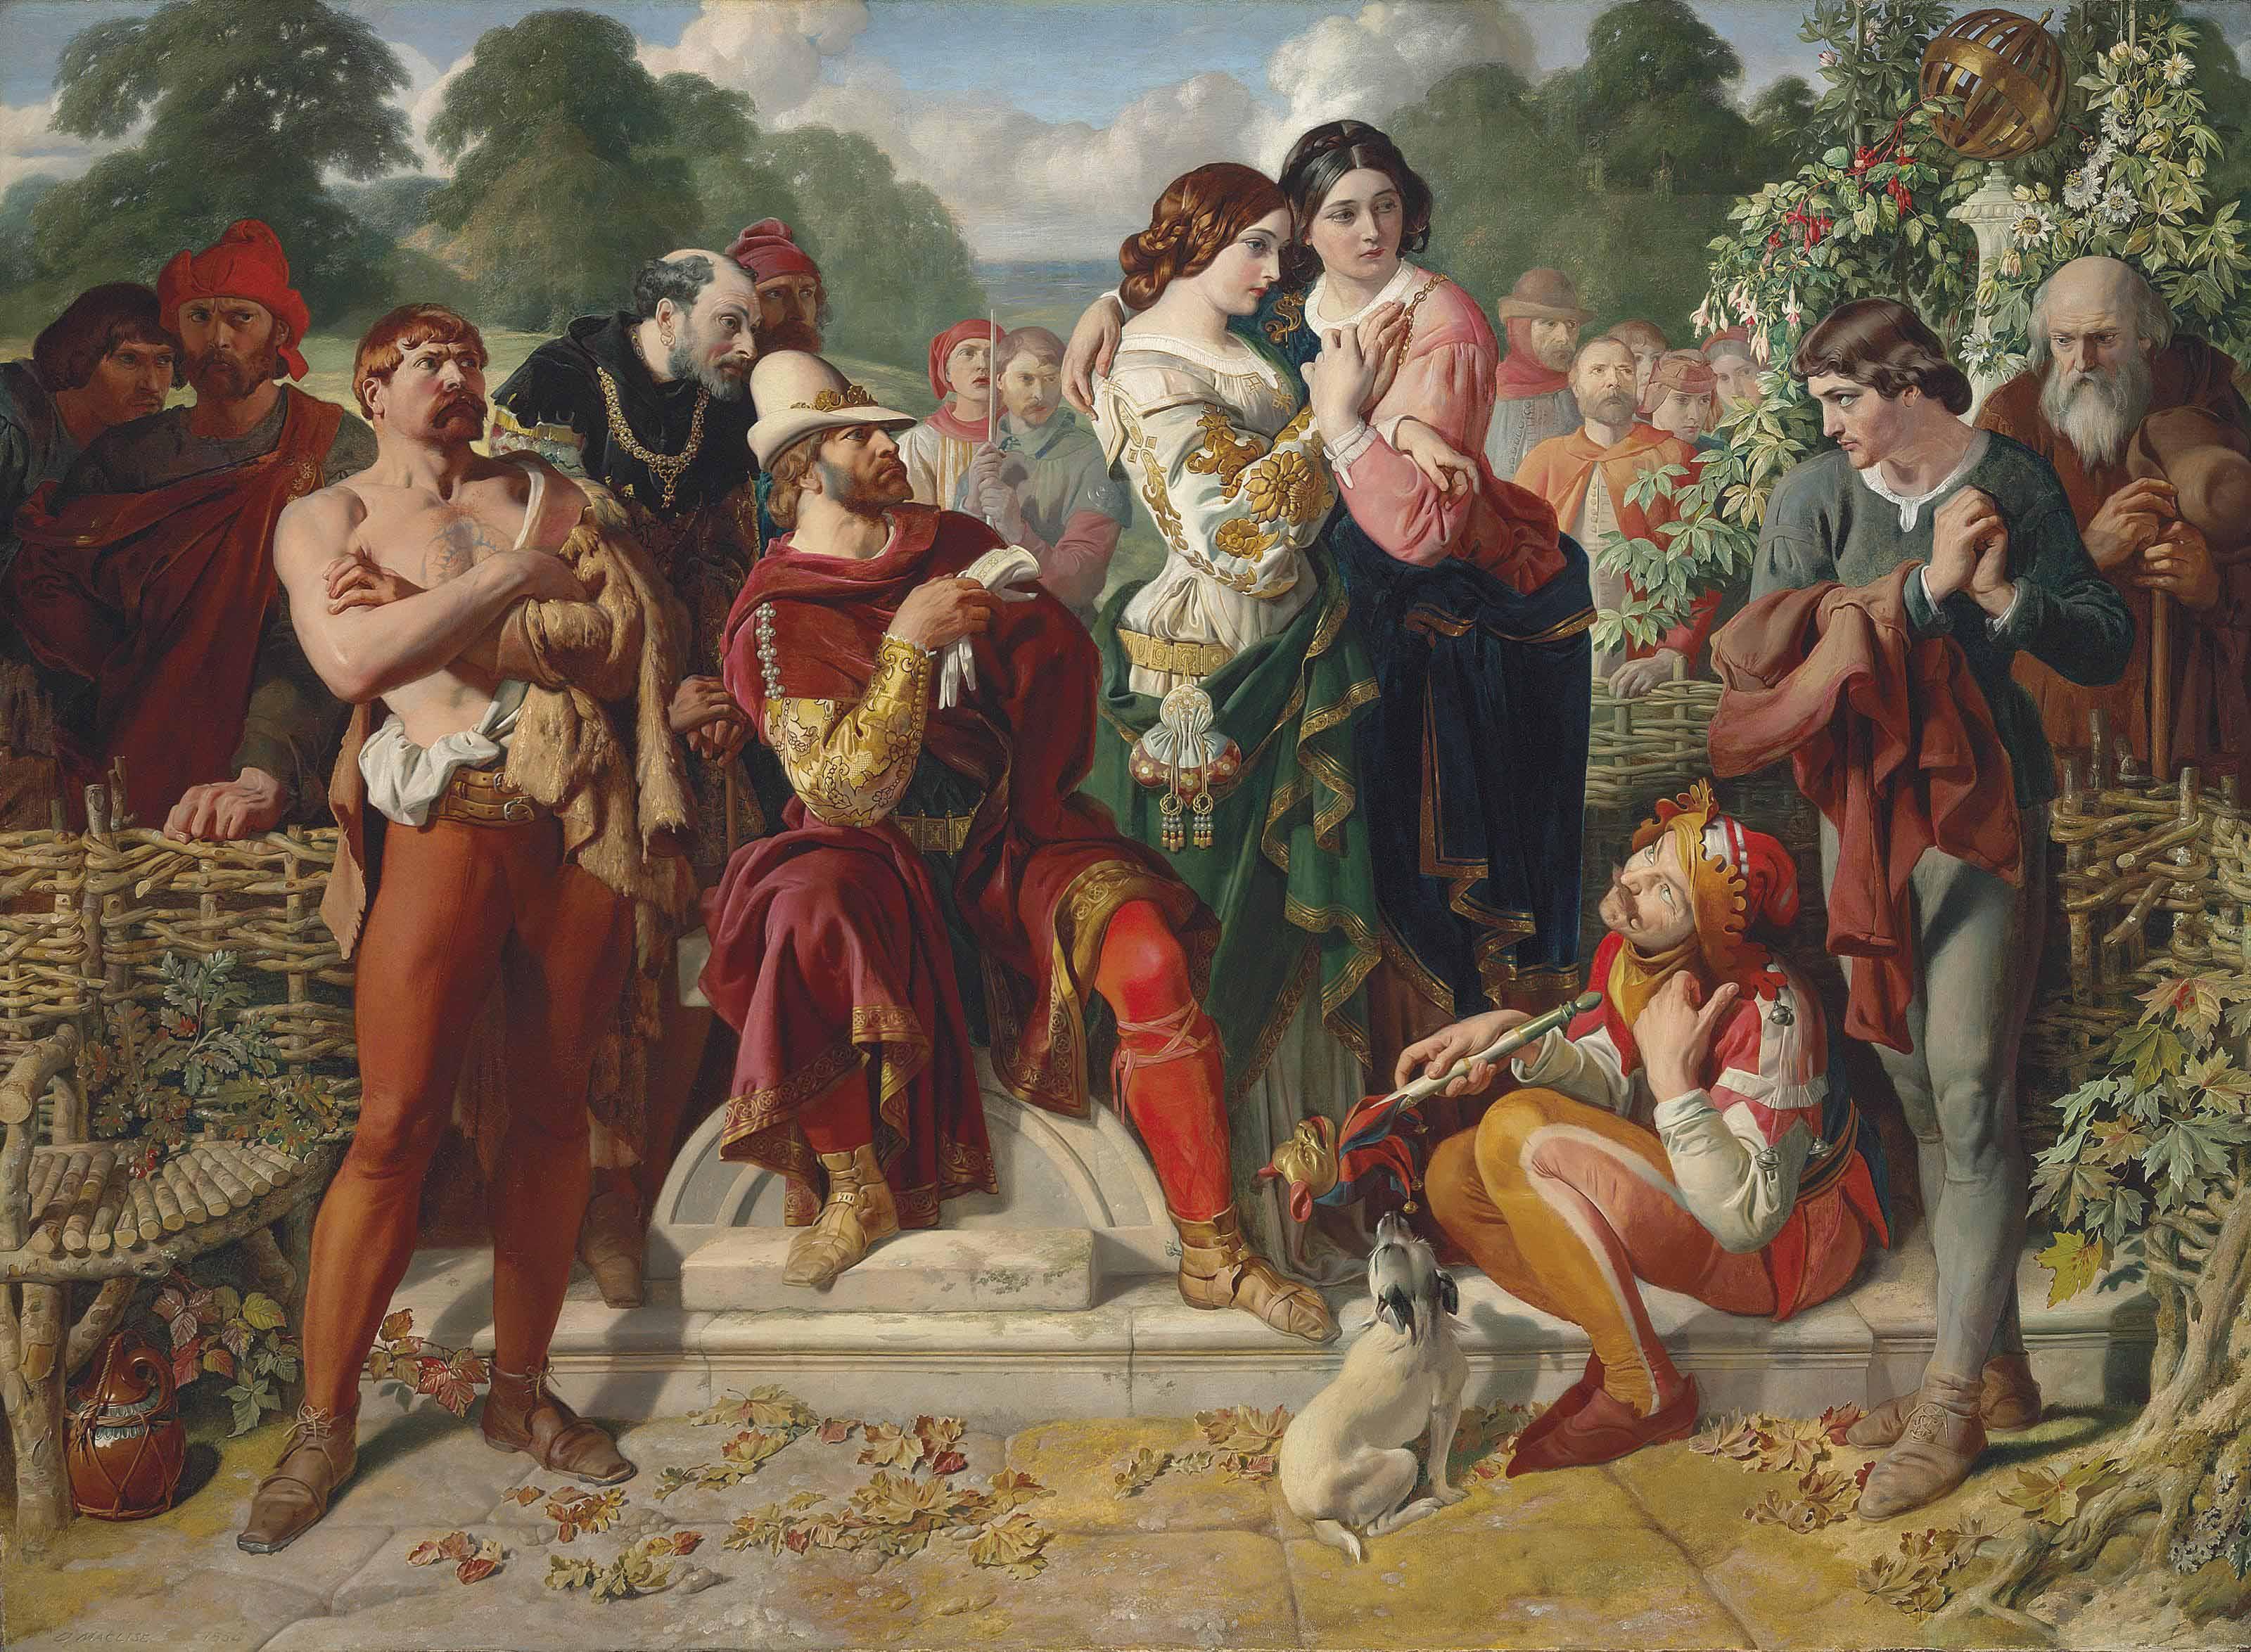 Daniel Maclise, R.A. (1806-1870)